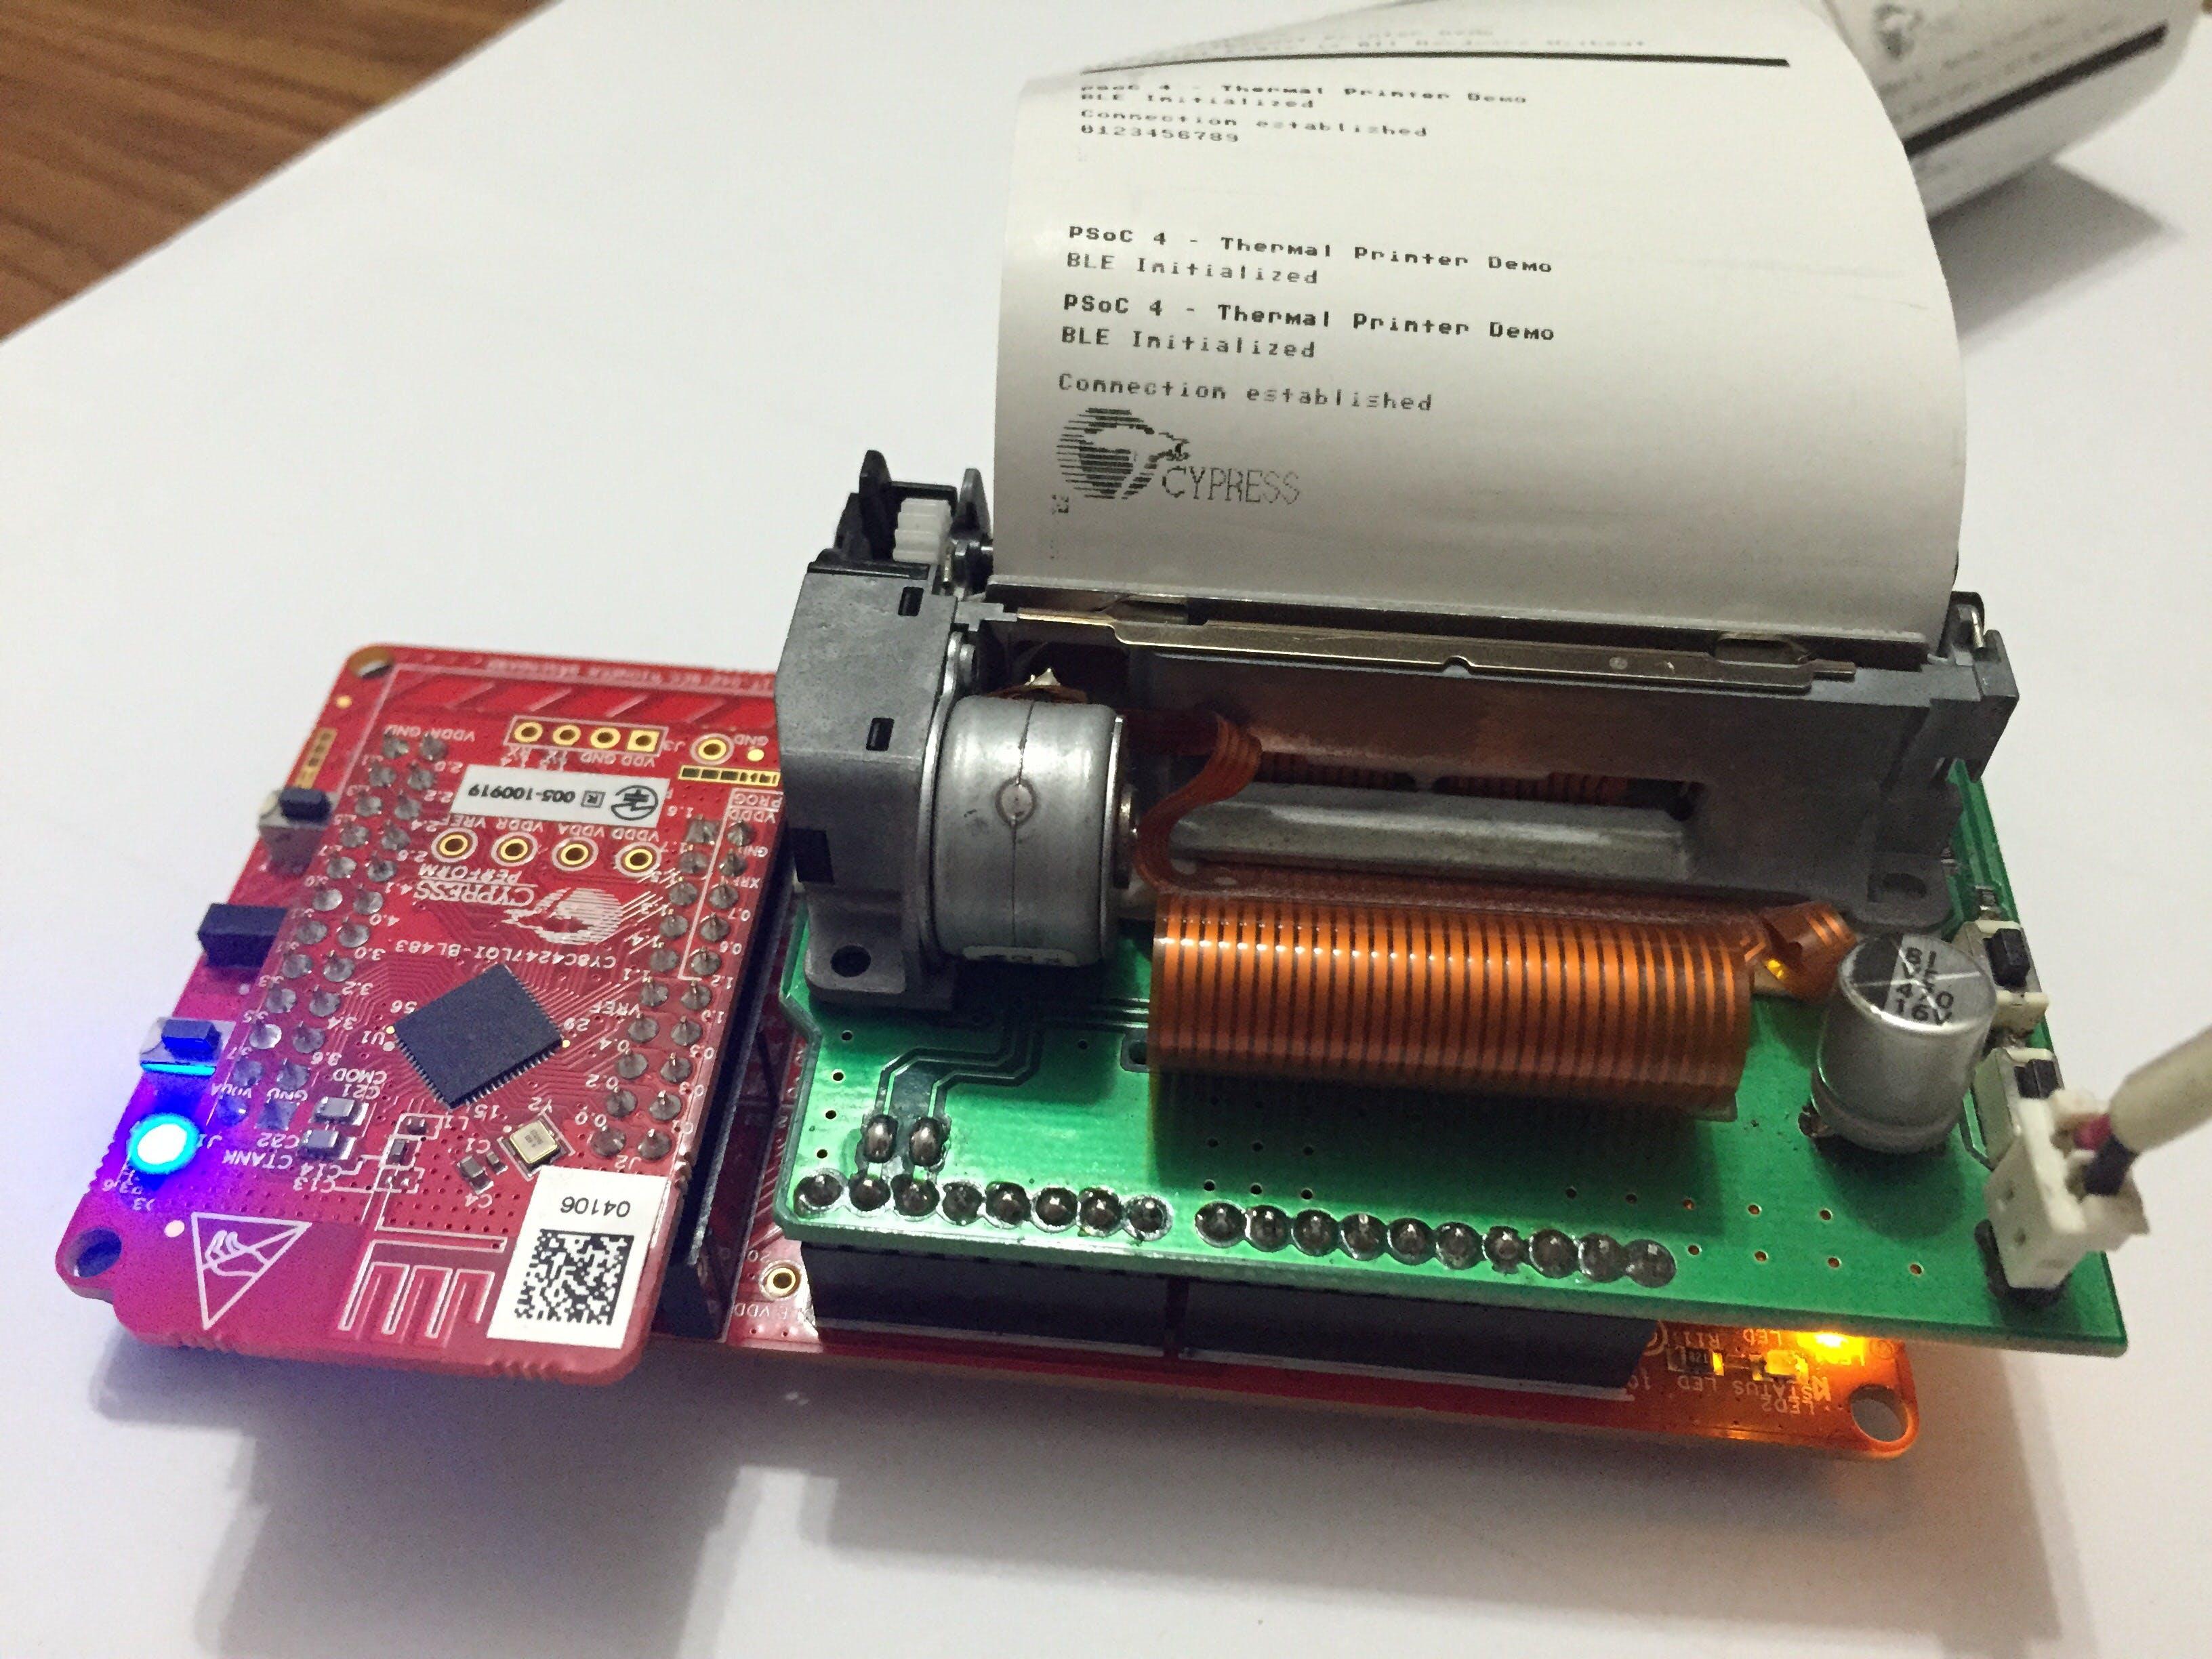 PSoC 4 BLE Thermal Printer